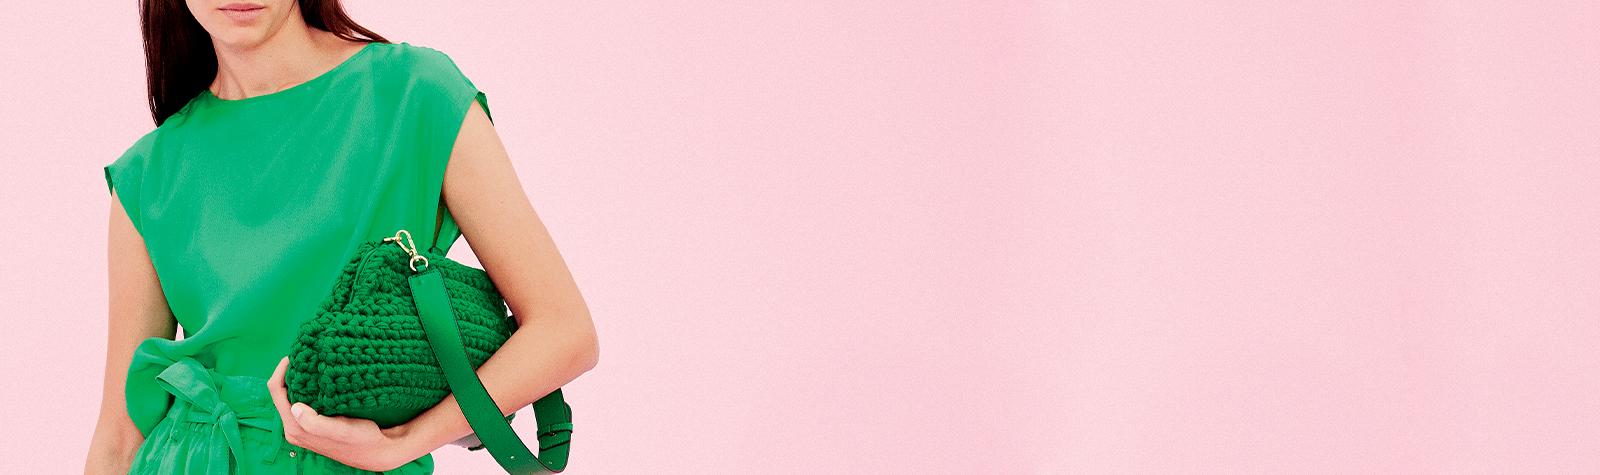 3fc47afe01 Borse da Donna Primavera Estate 2019 | Marella